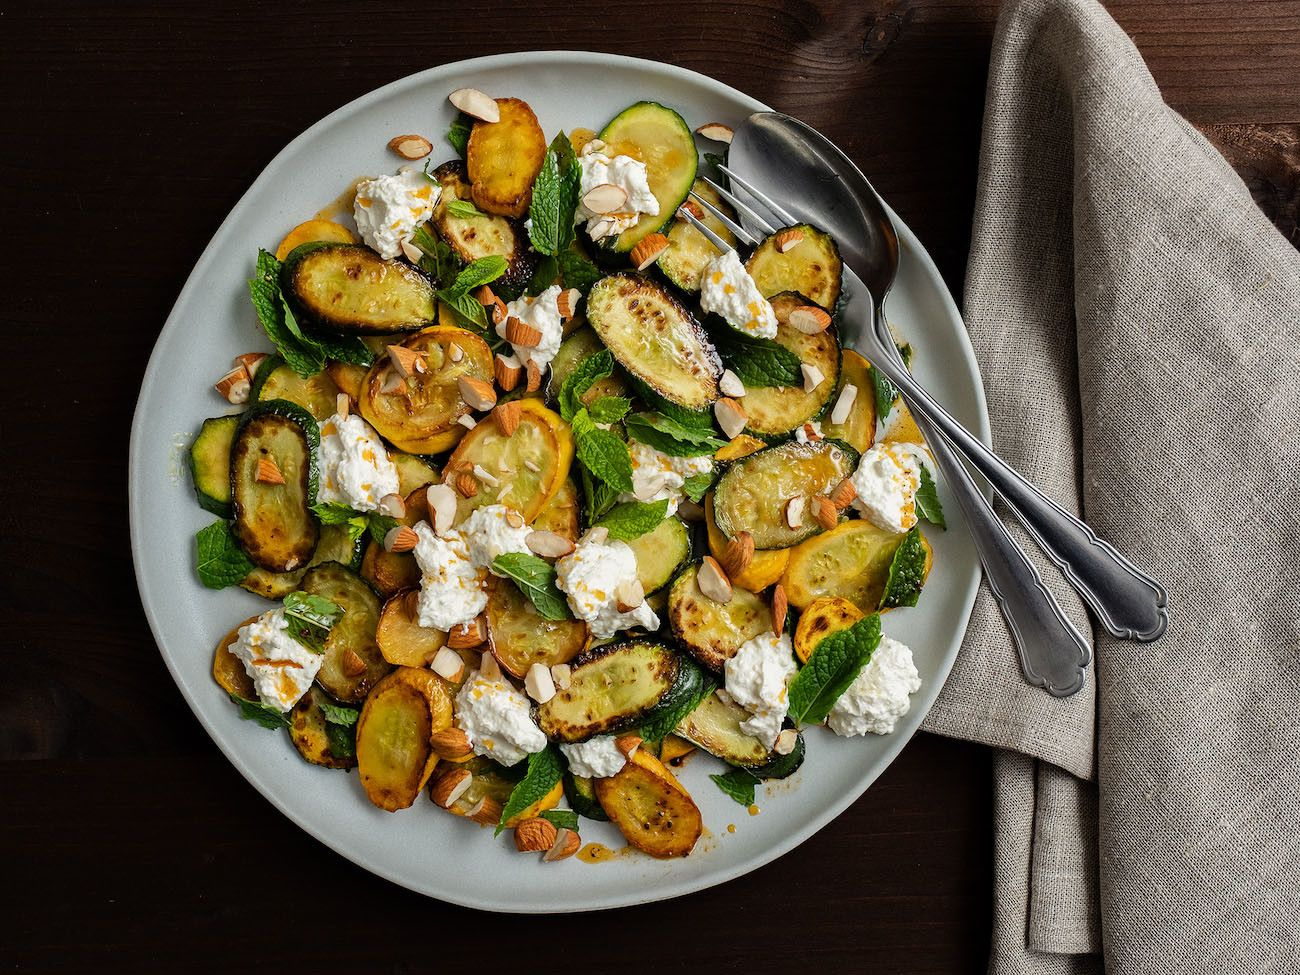 Foodblog About Fuel, Rezept Zucchinisalat mit Ricotta, Mandeln und Minze, Serviette